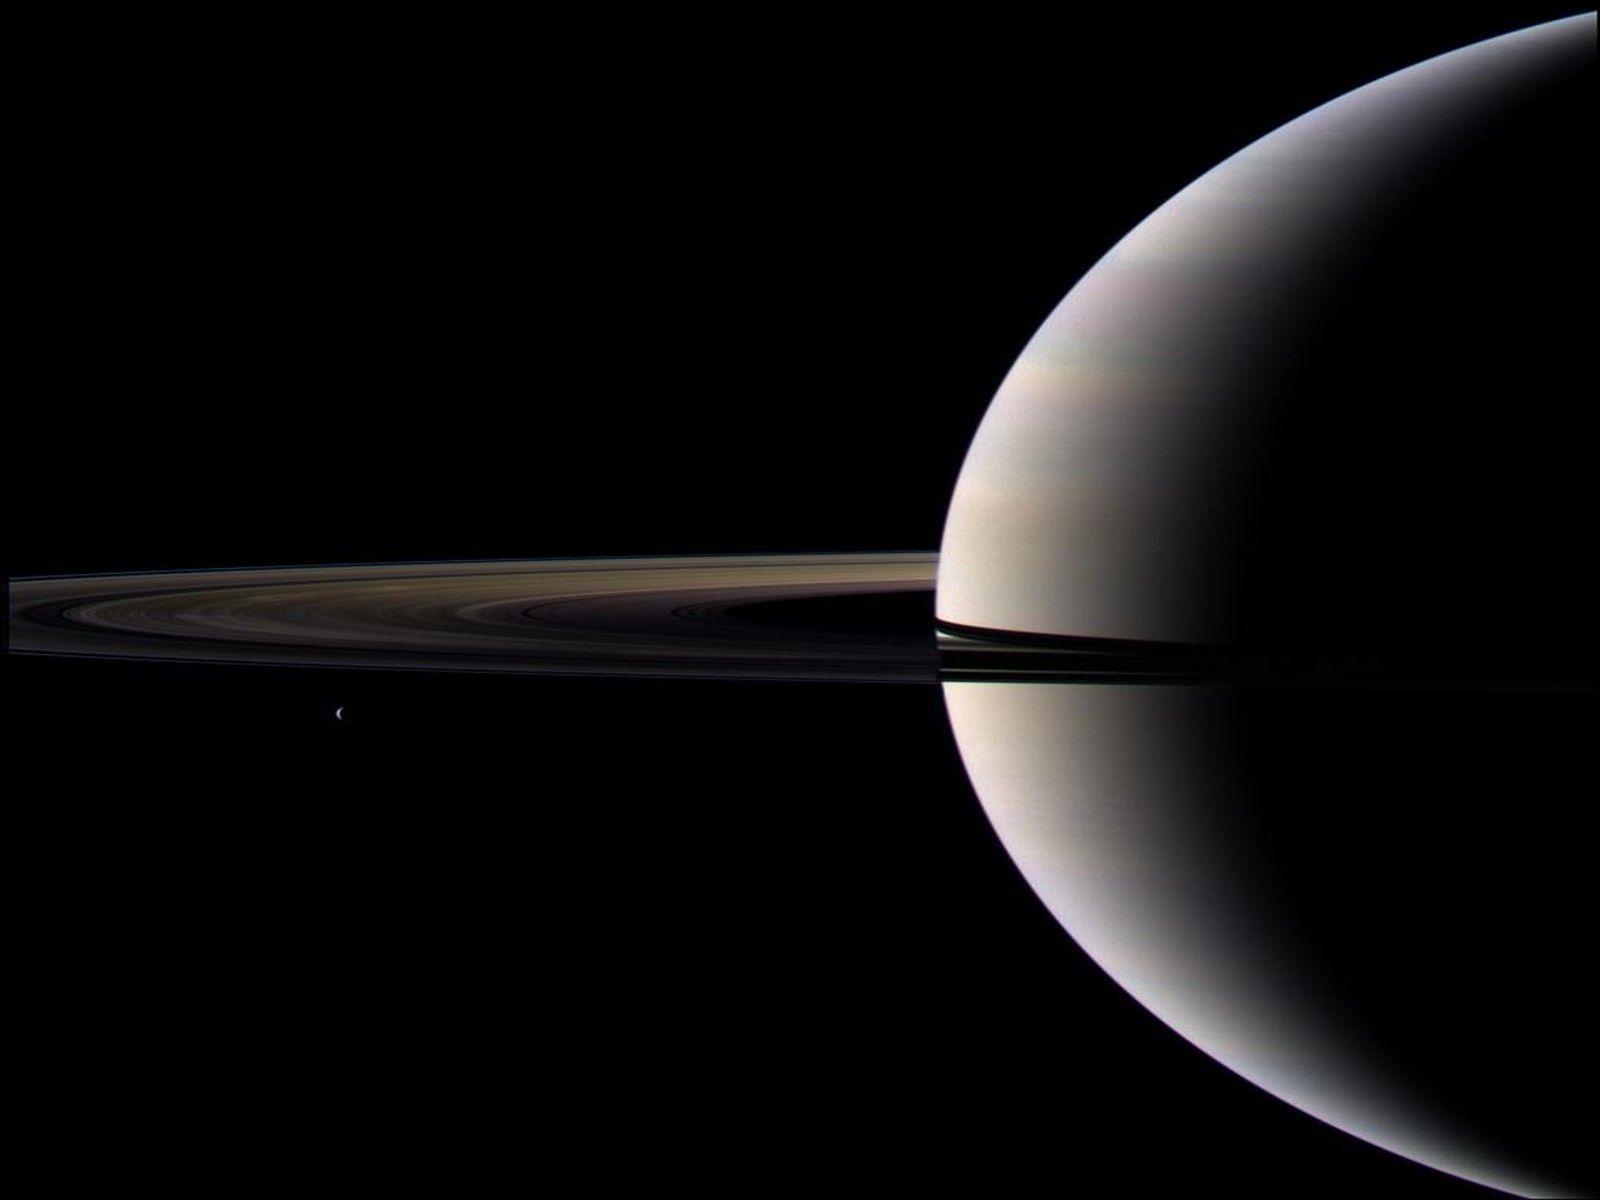 Cassini Wallpaper - WallpaperSafari